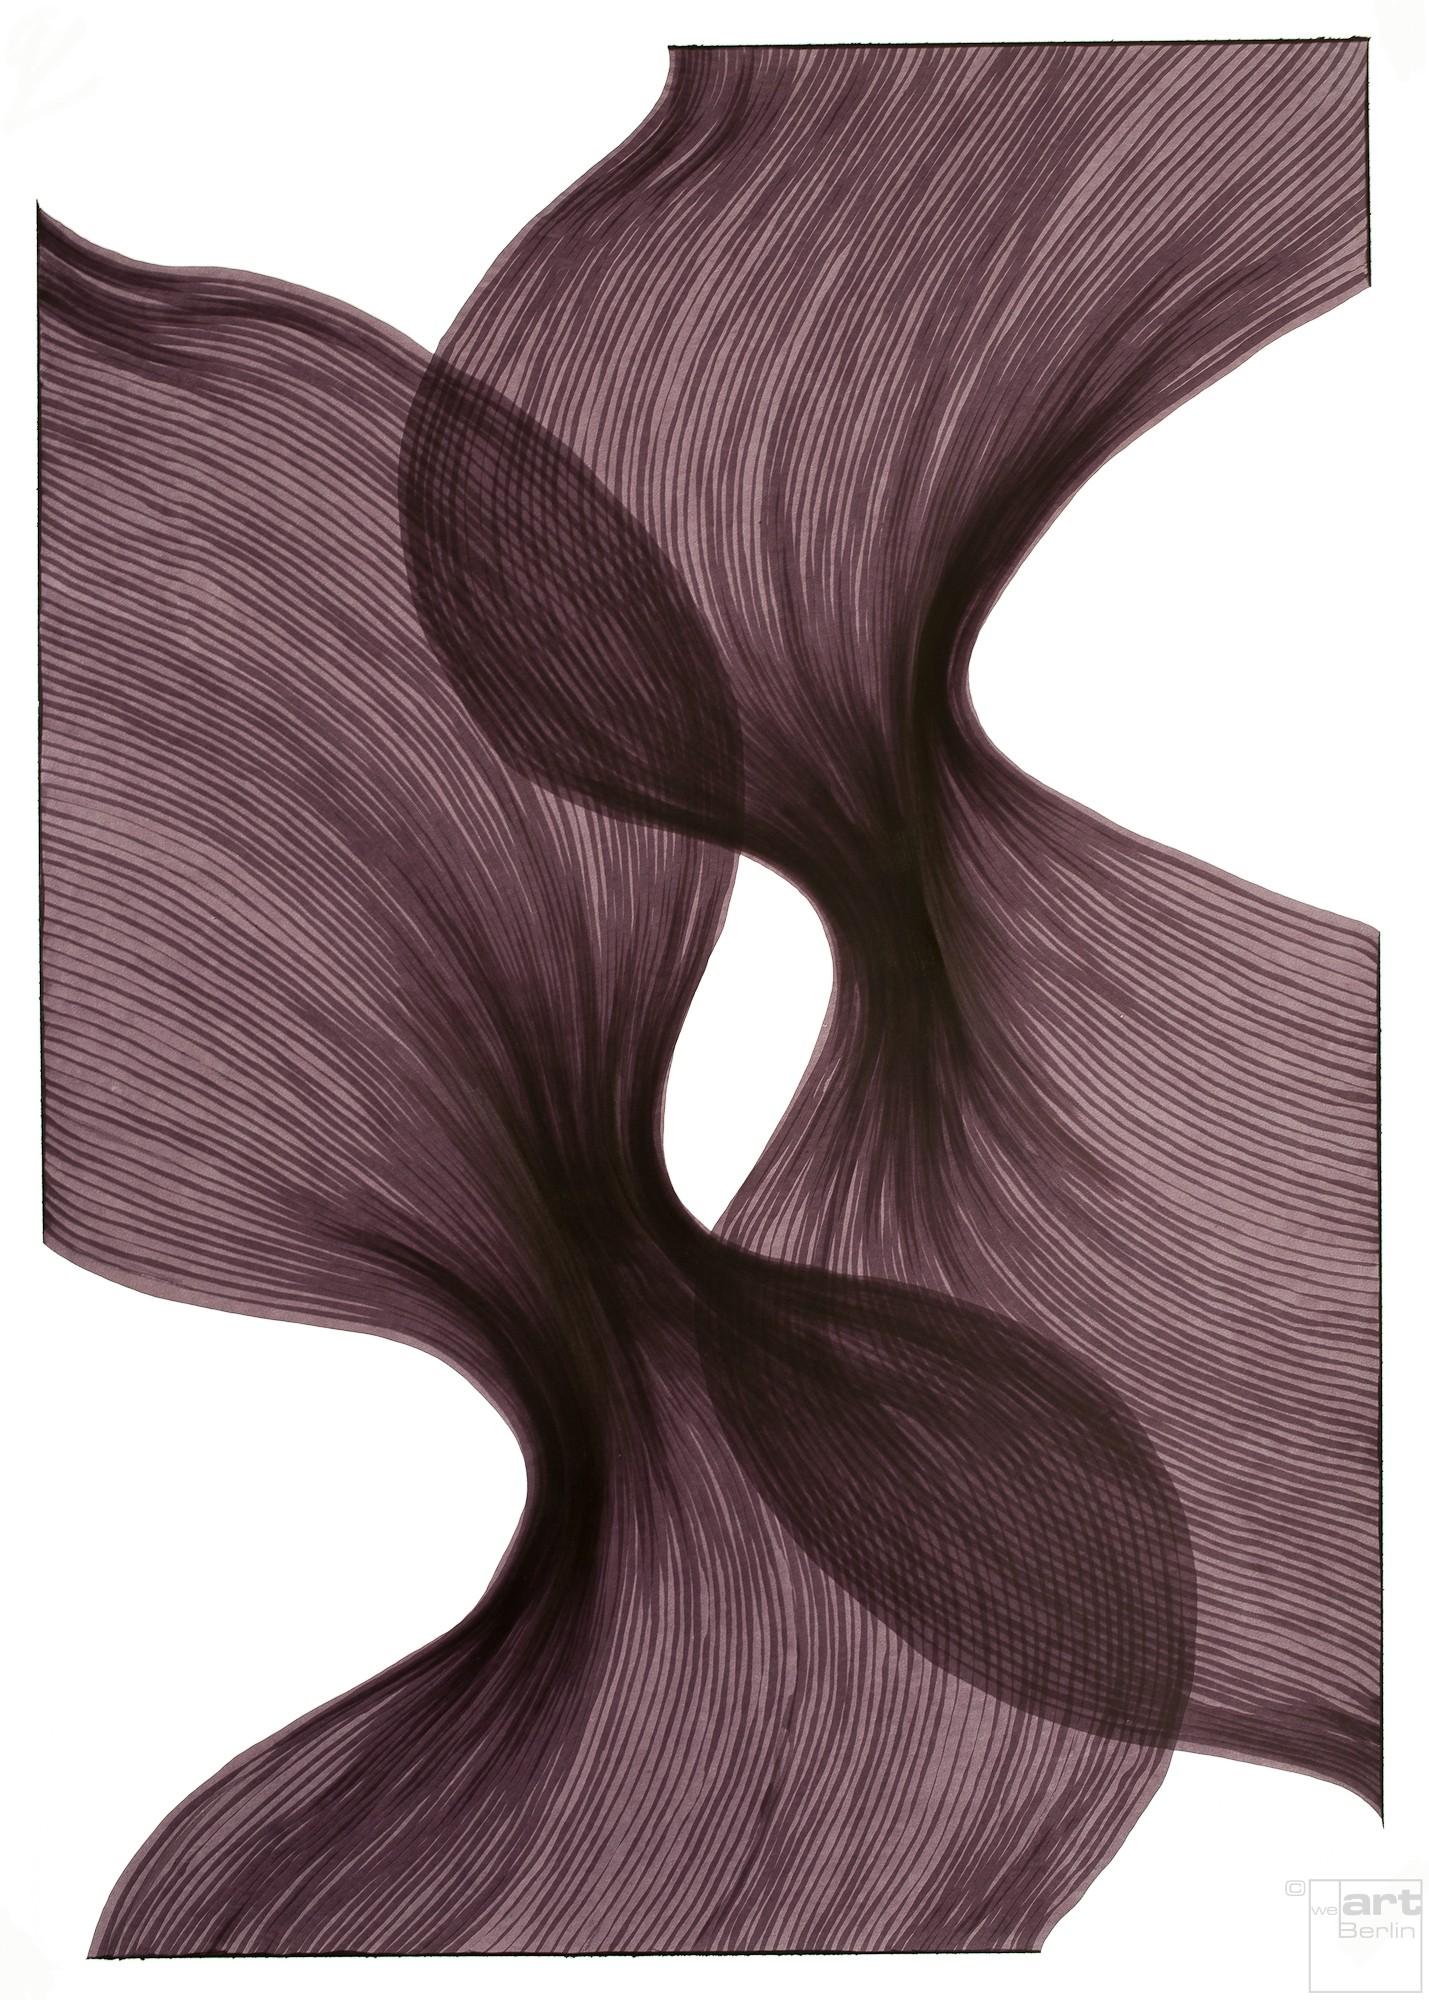 Venice Sheer Folds | Lali Torma | Zeichnung | Kalligraphietusche auf Papier